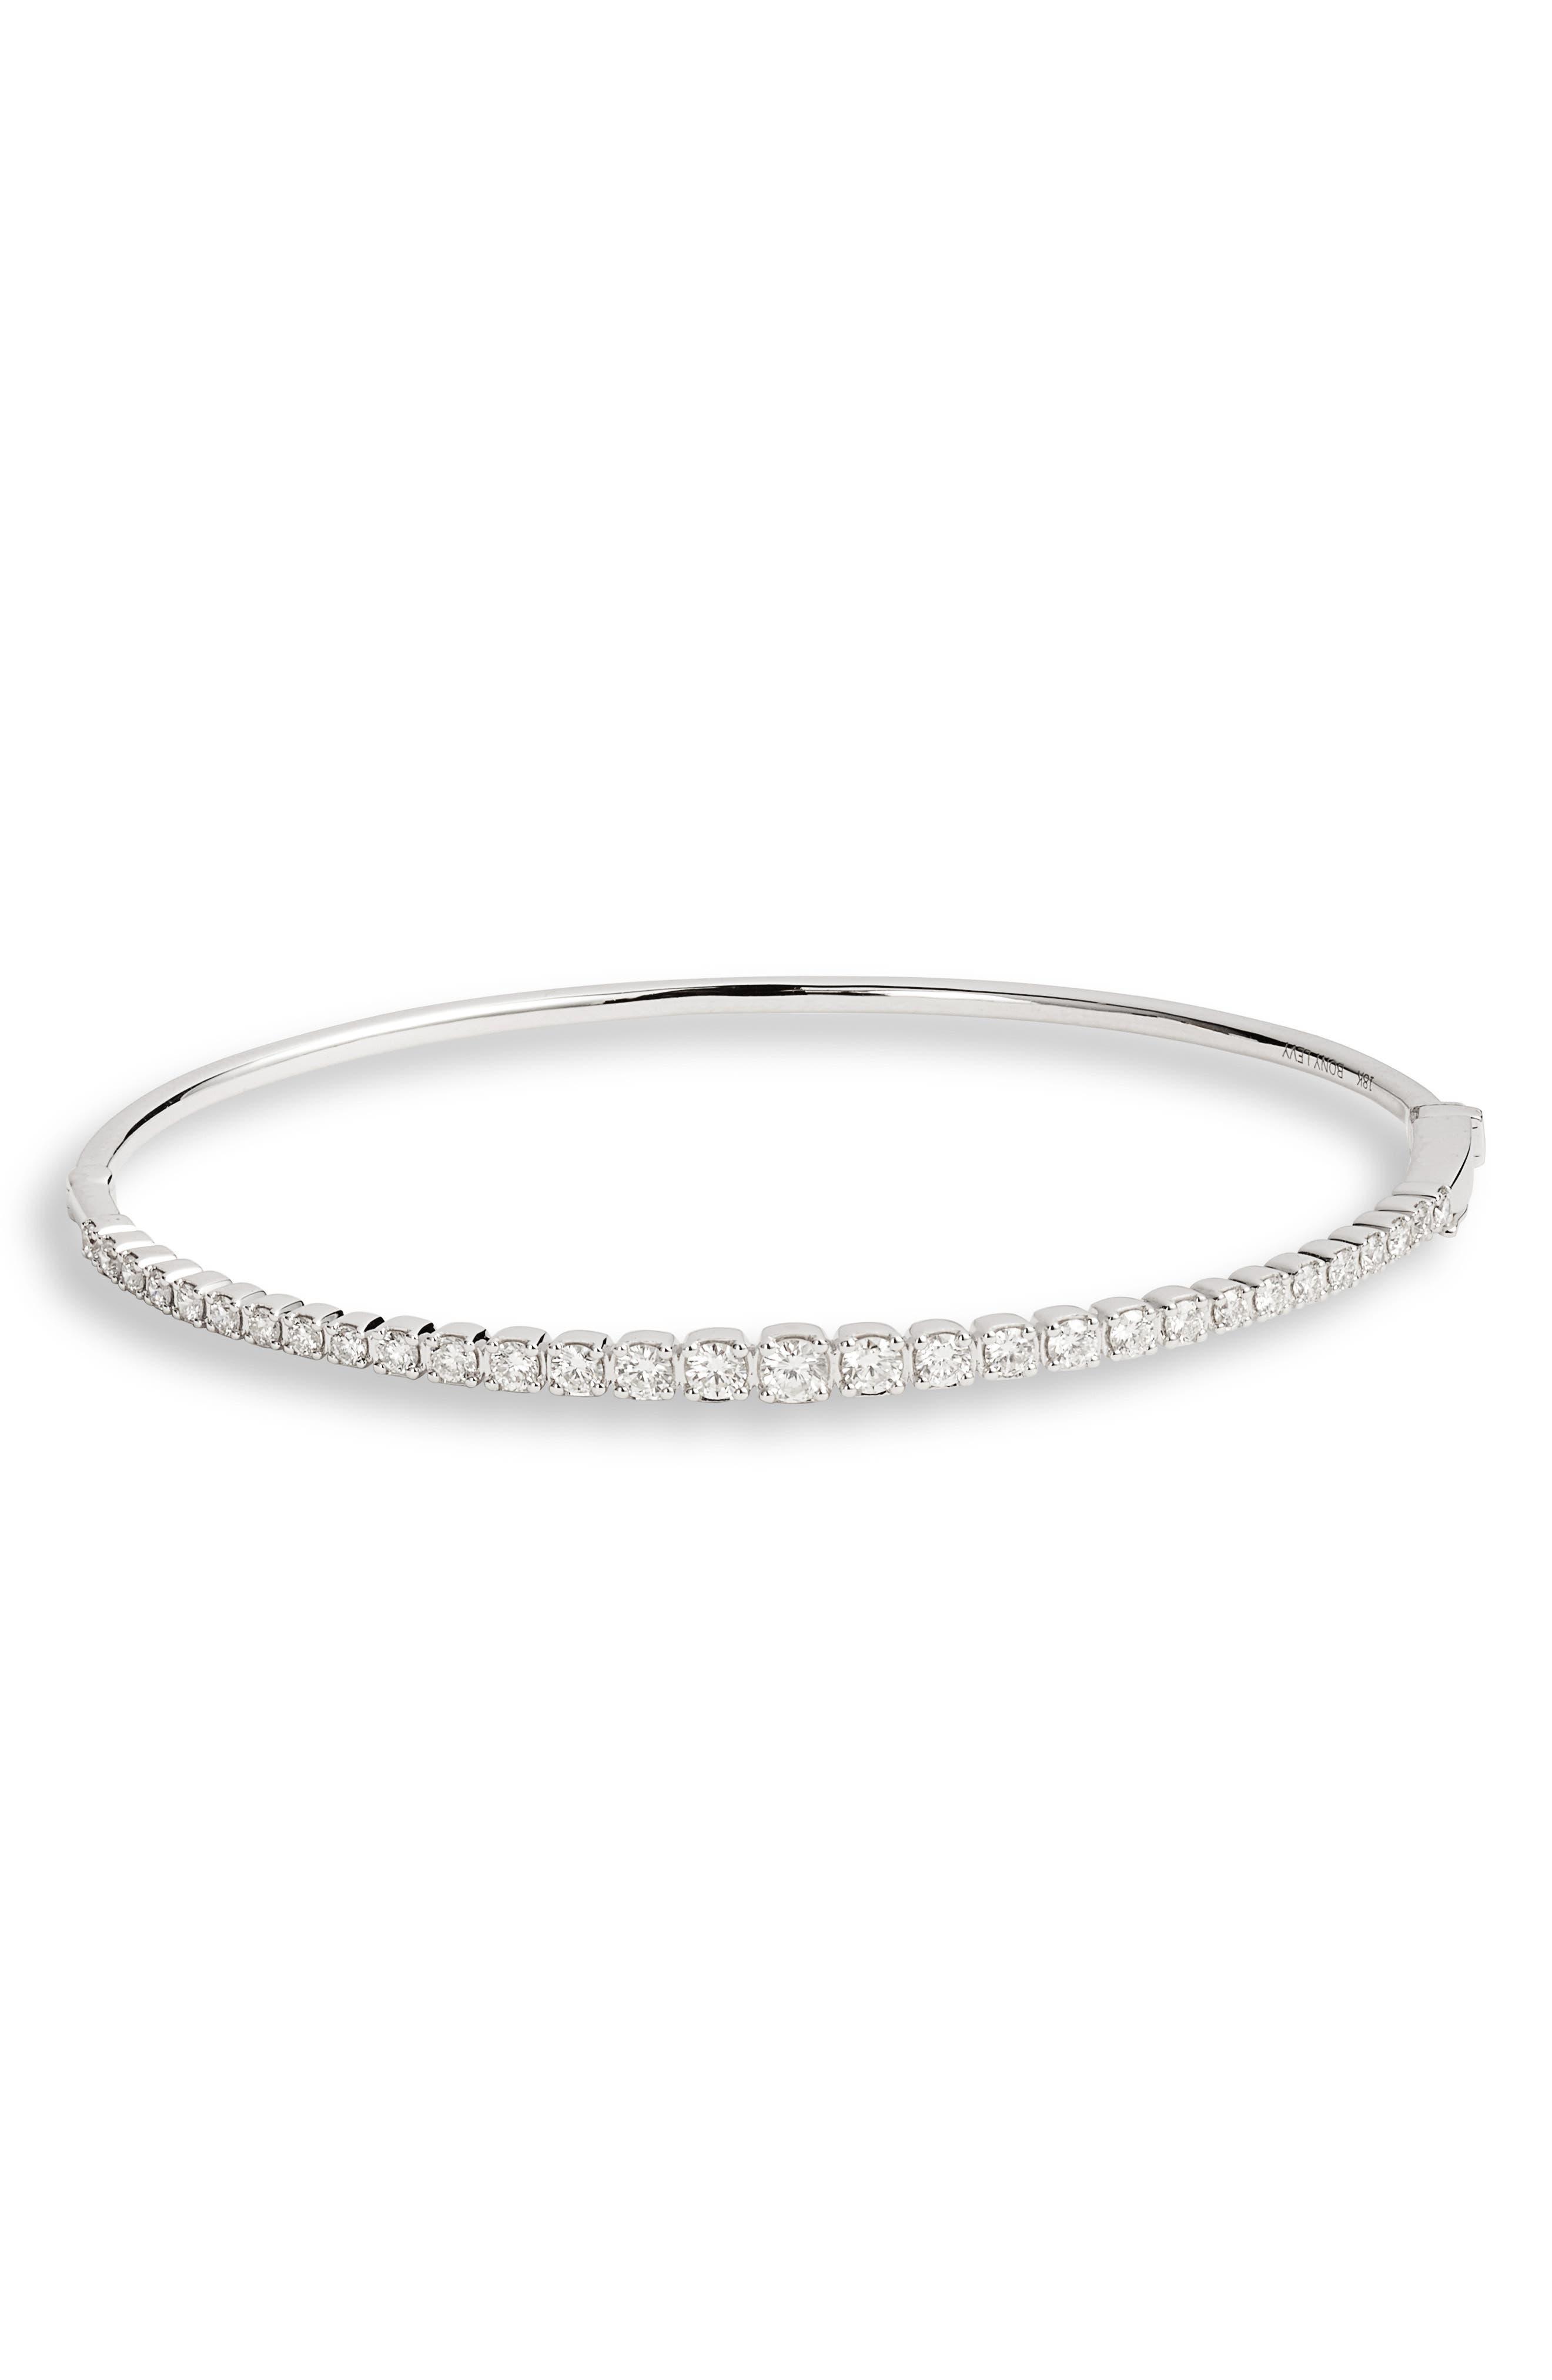 Bardot Diamond Bracelet,                             Main thumbnail 1, color,                             WHITE GOLD/ DIAMOND